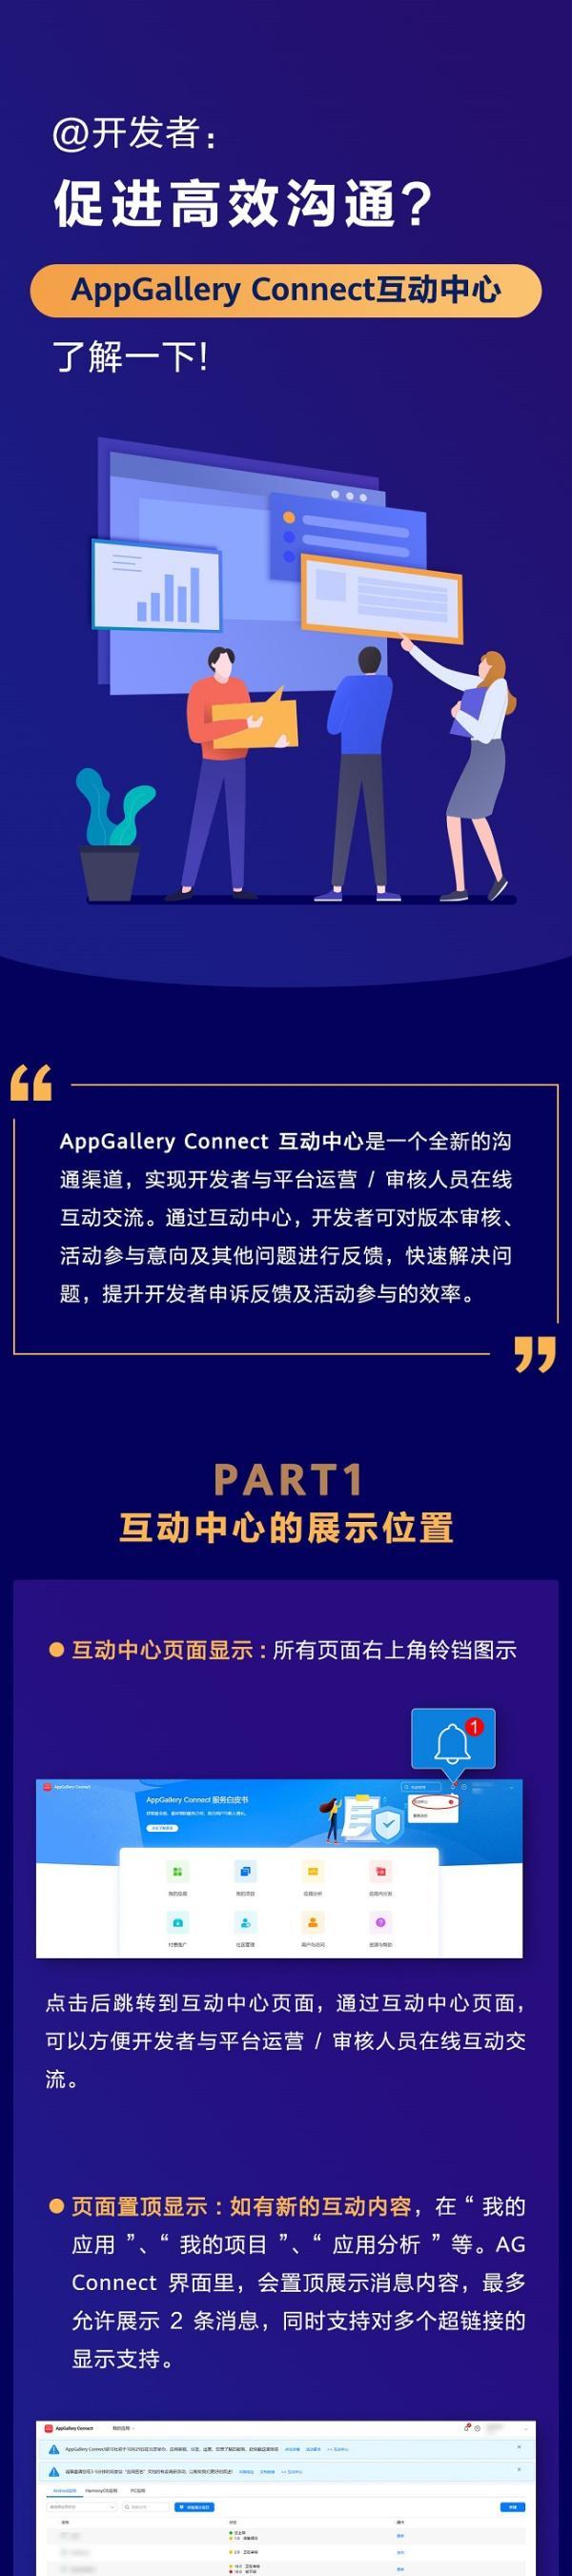 @开发者:如何促进高效沟通?了解应用程序库连接!